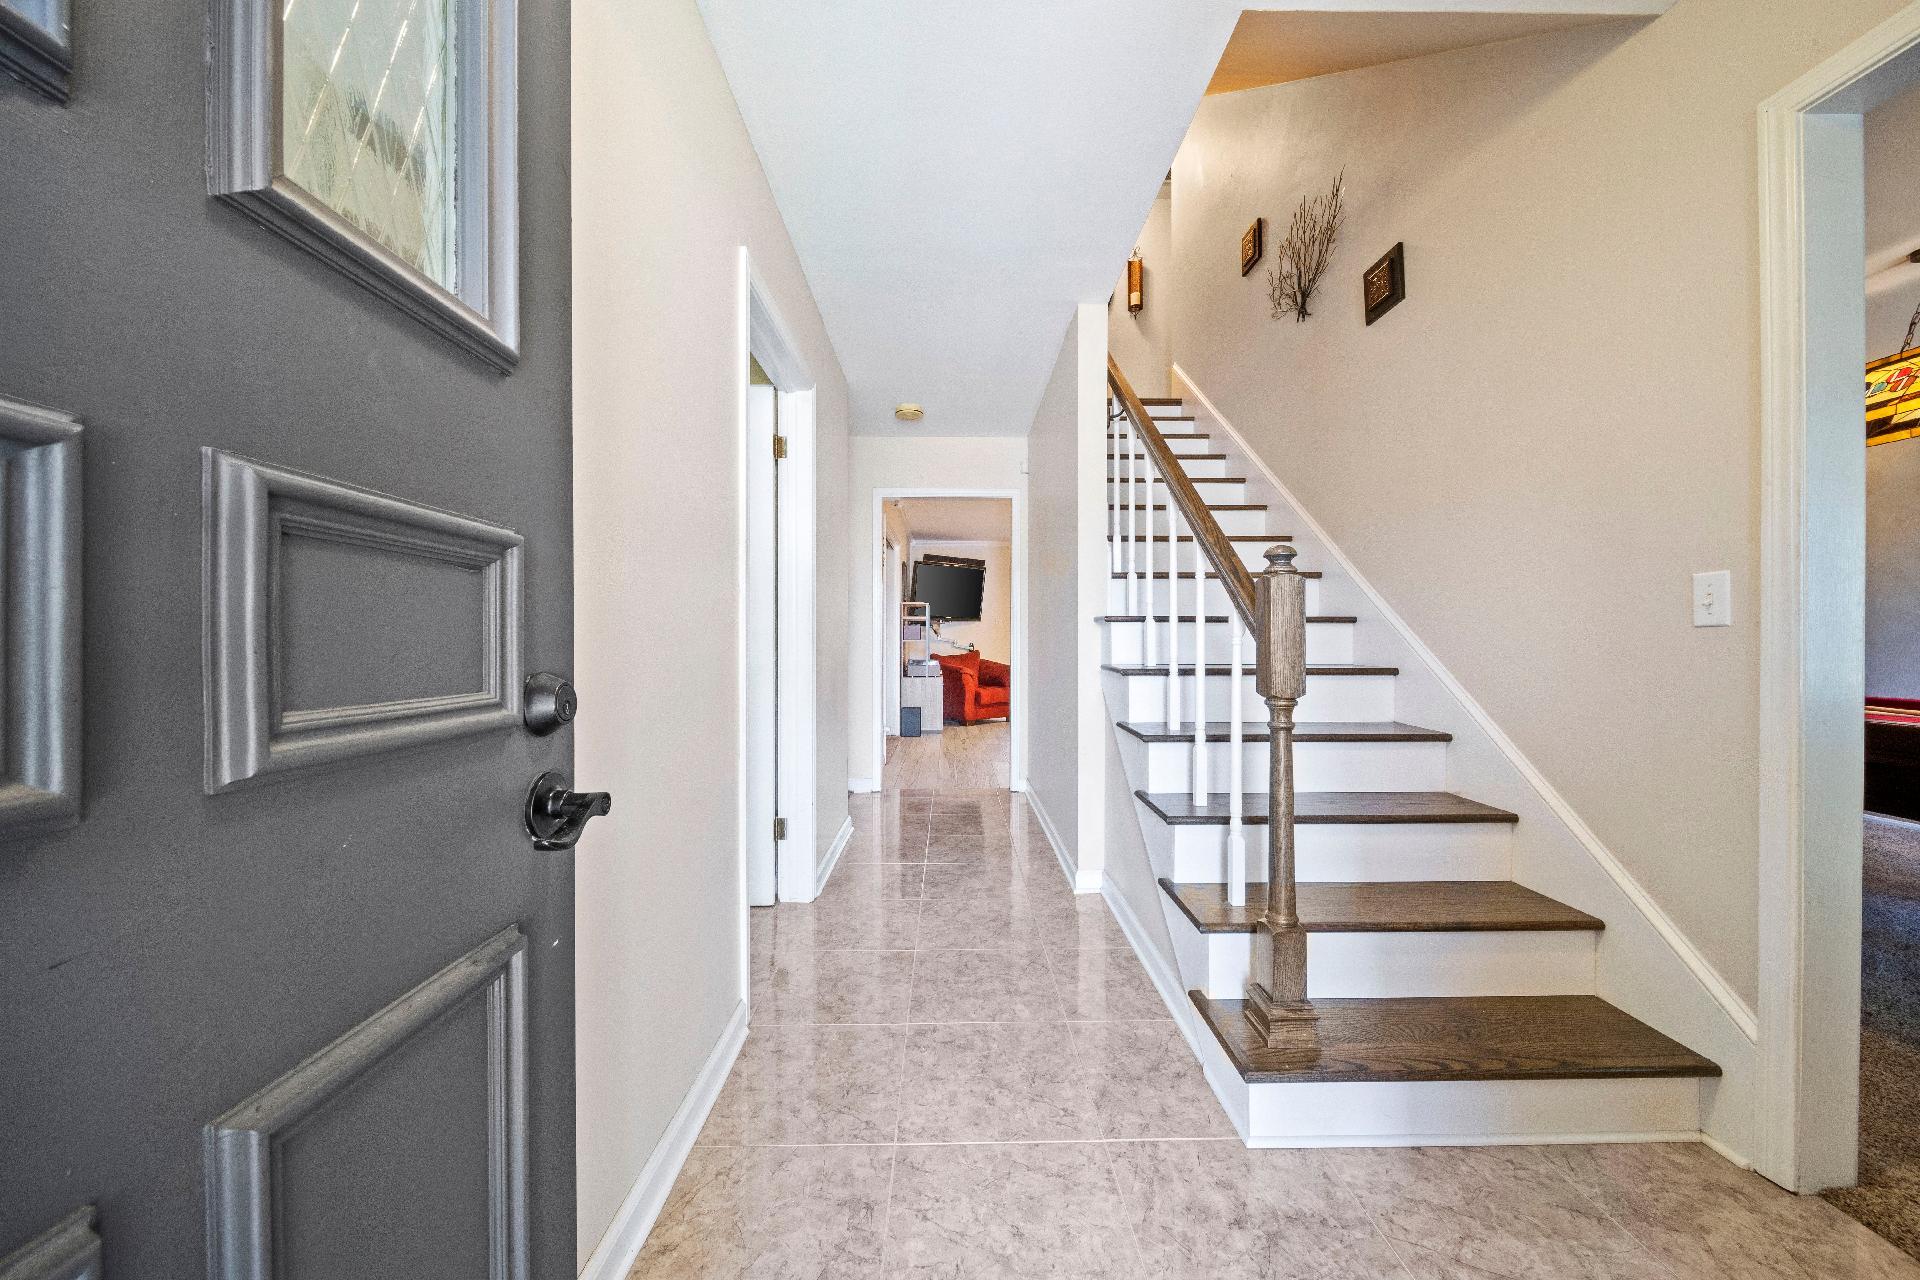 6616 E 54th Street Property Photo 5